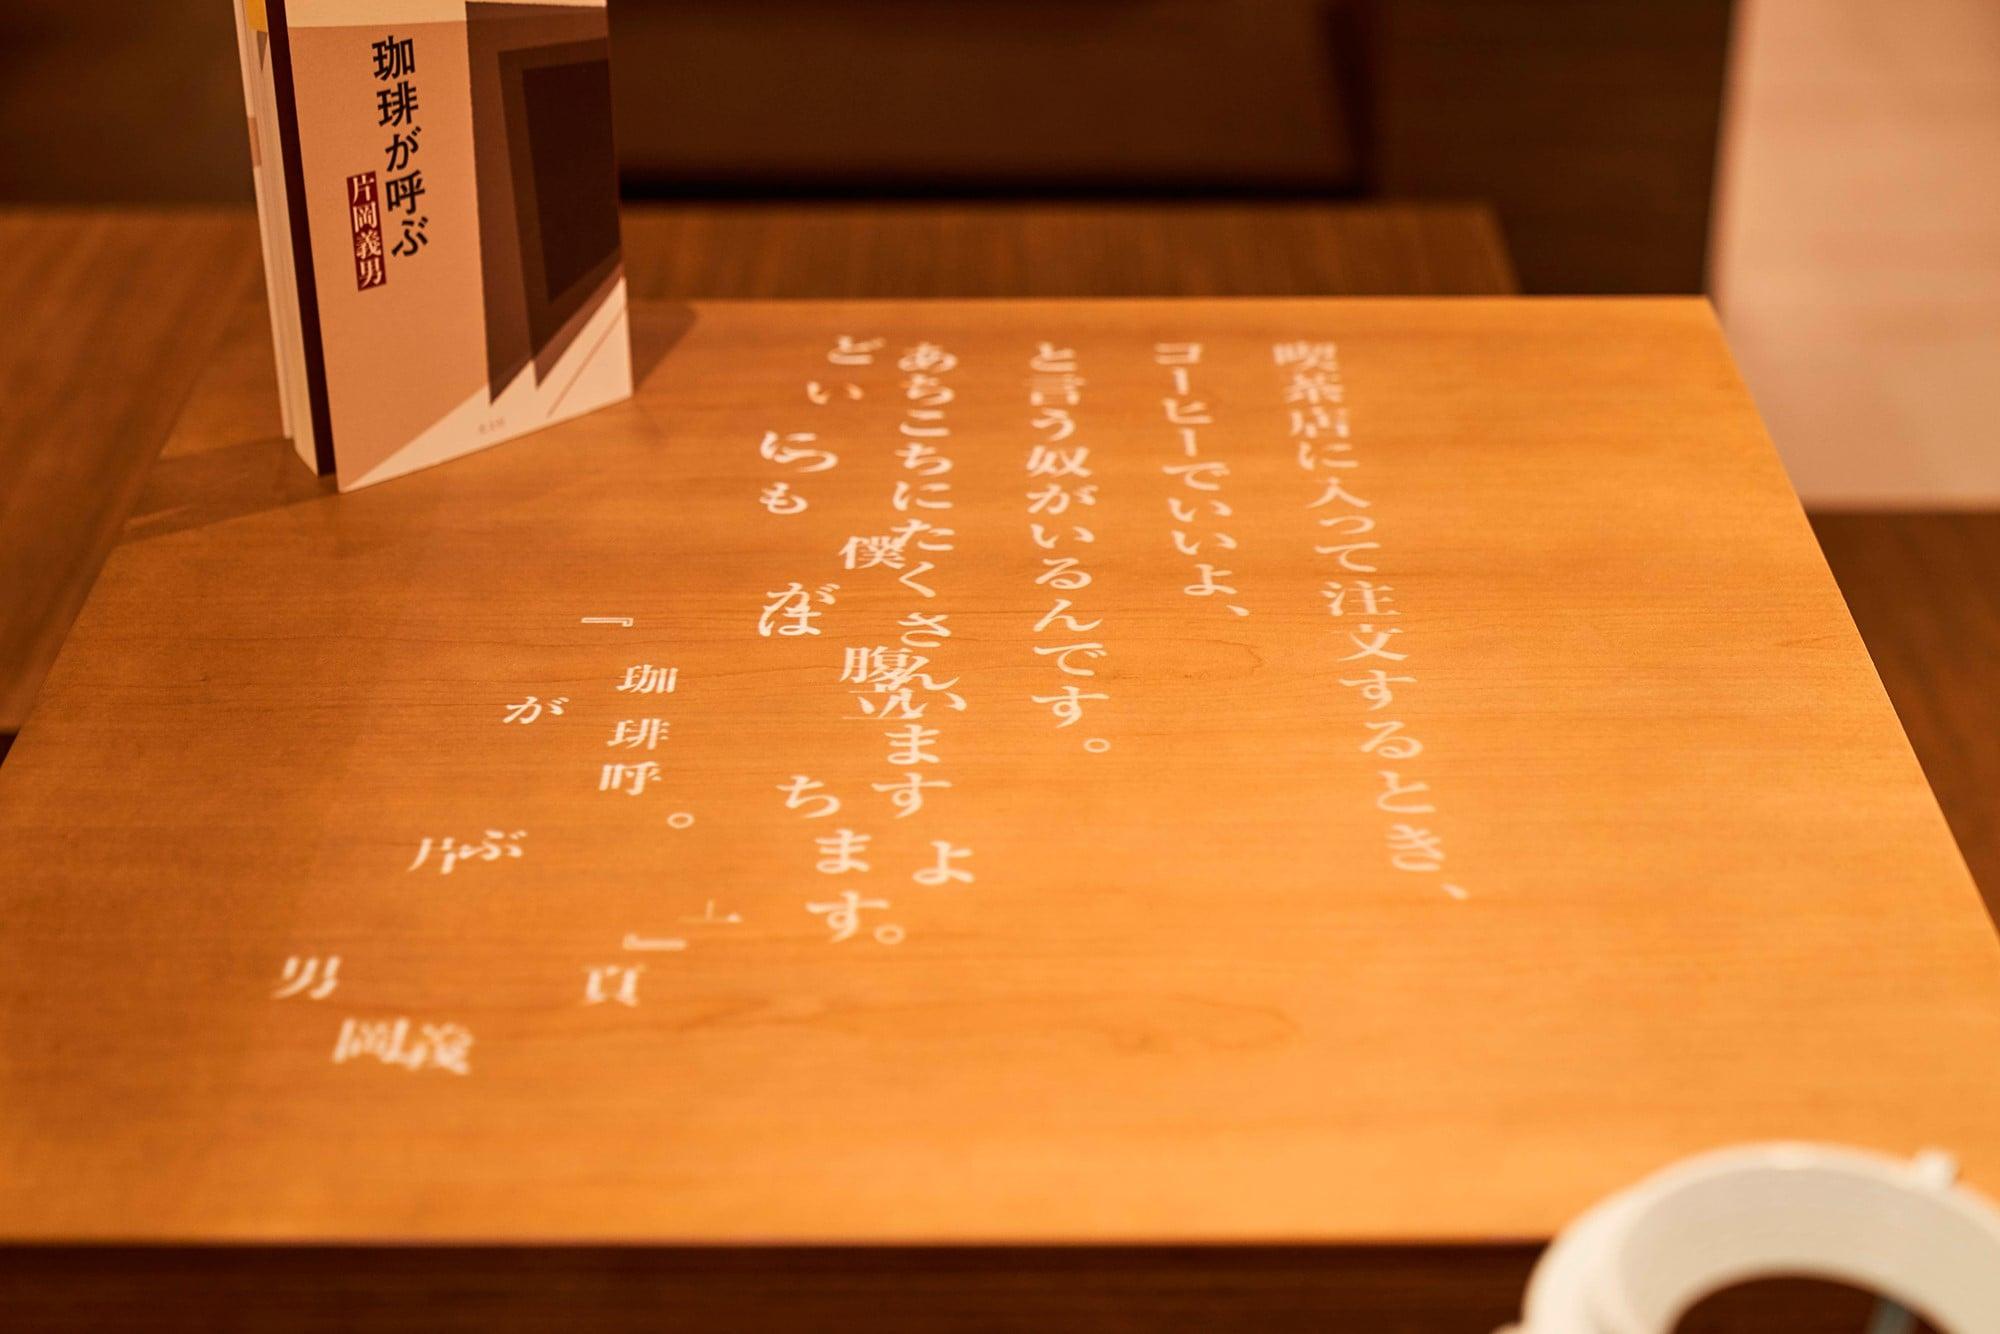 モーショングラフィックスによる文字の投影がテーブルにも。